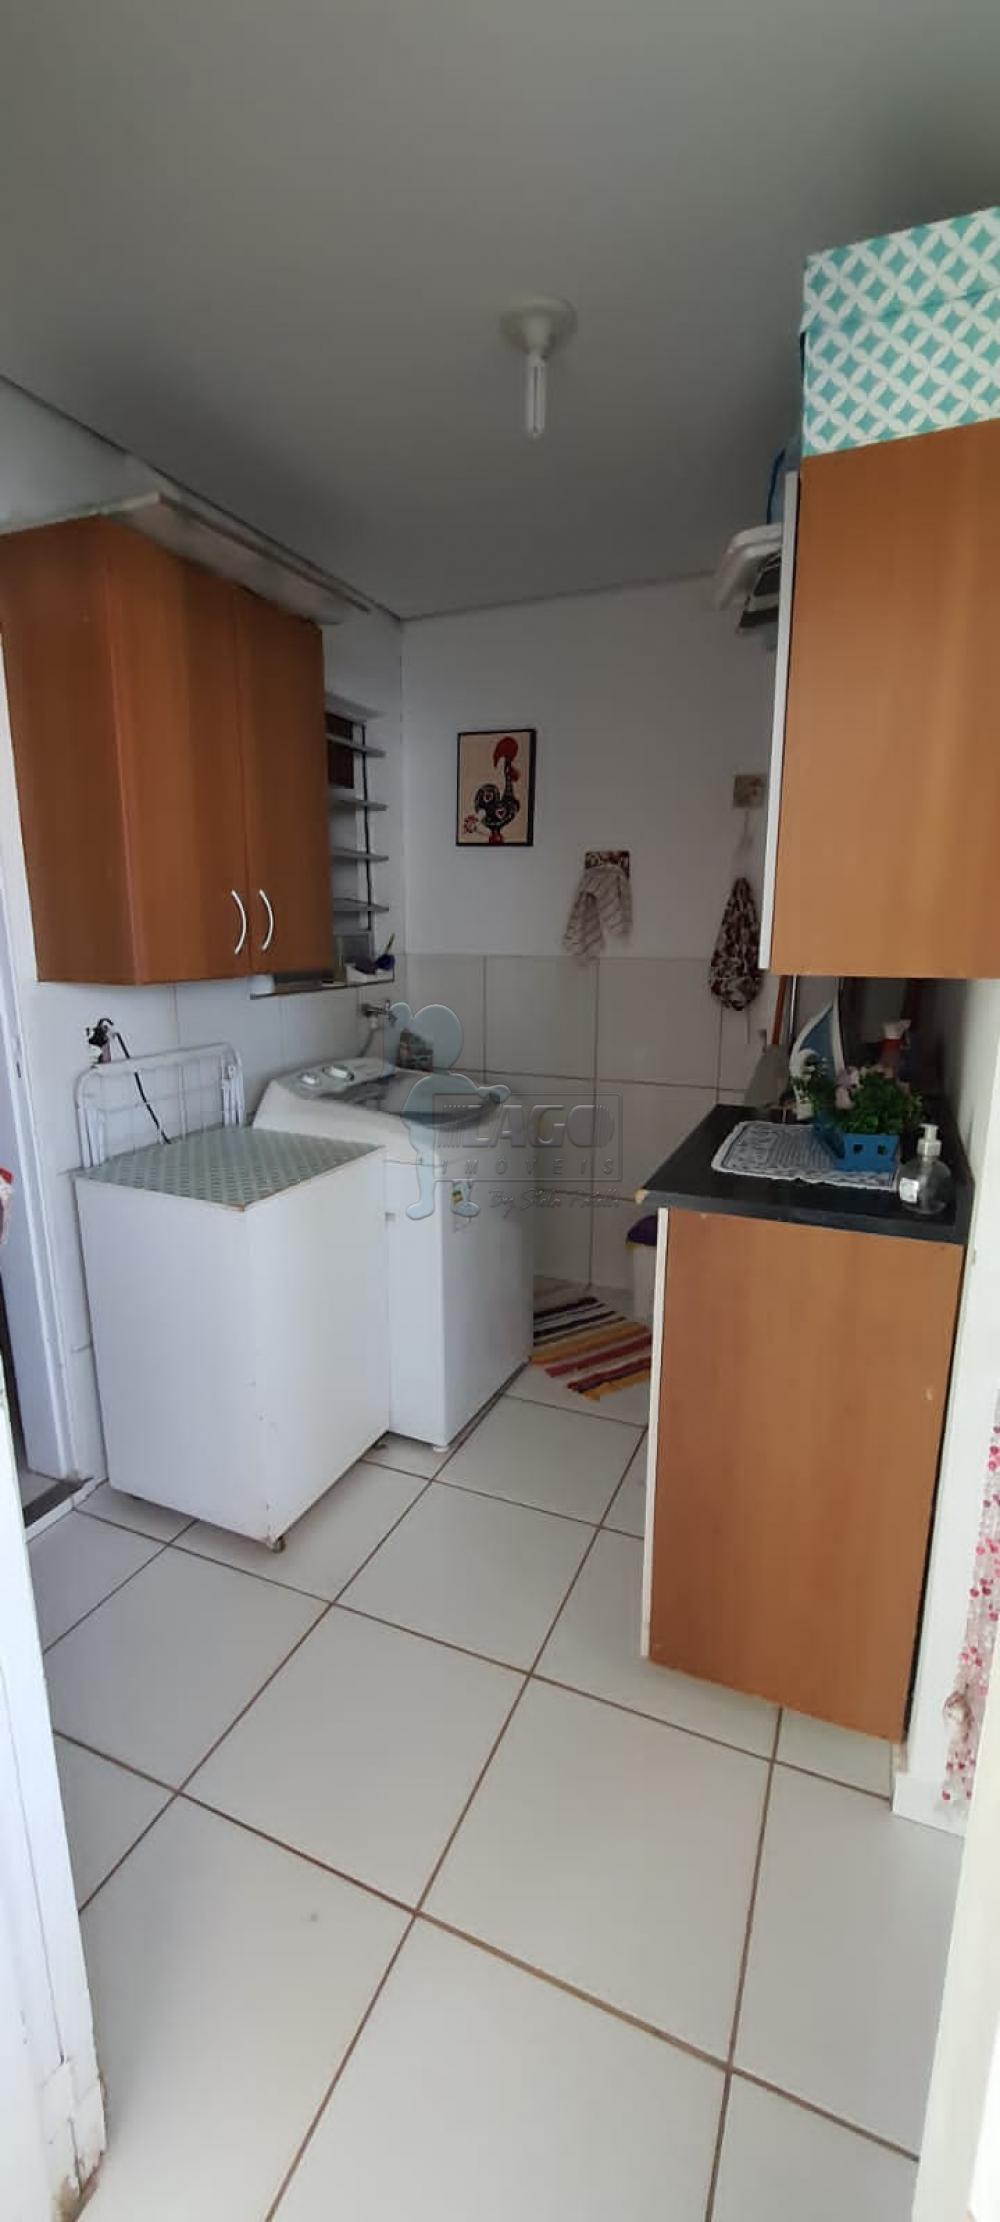 Comprar Casas / Condomínio em Ribeirão Preto R$ 530.000,00 - Foto 13